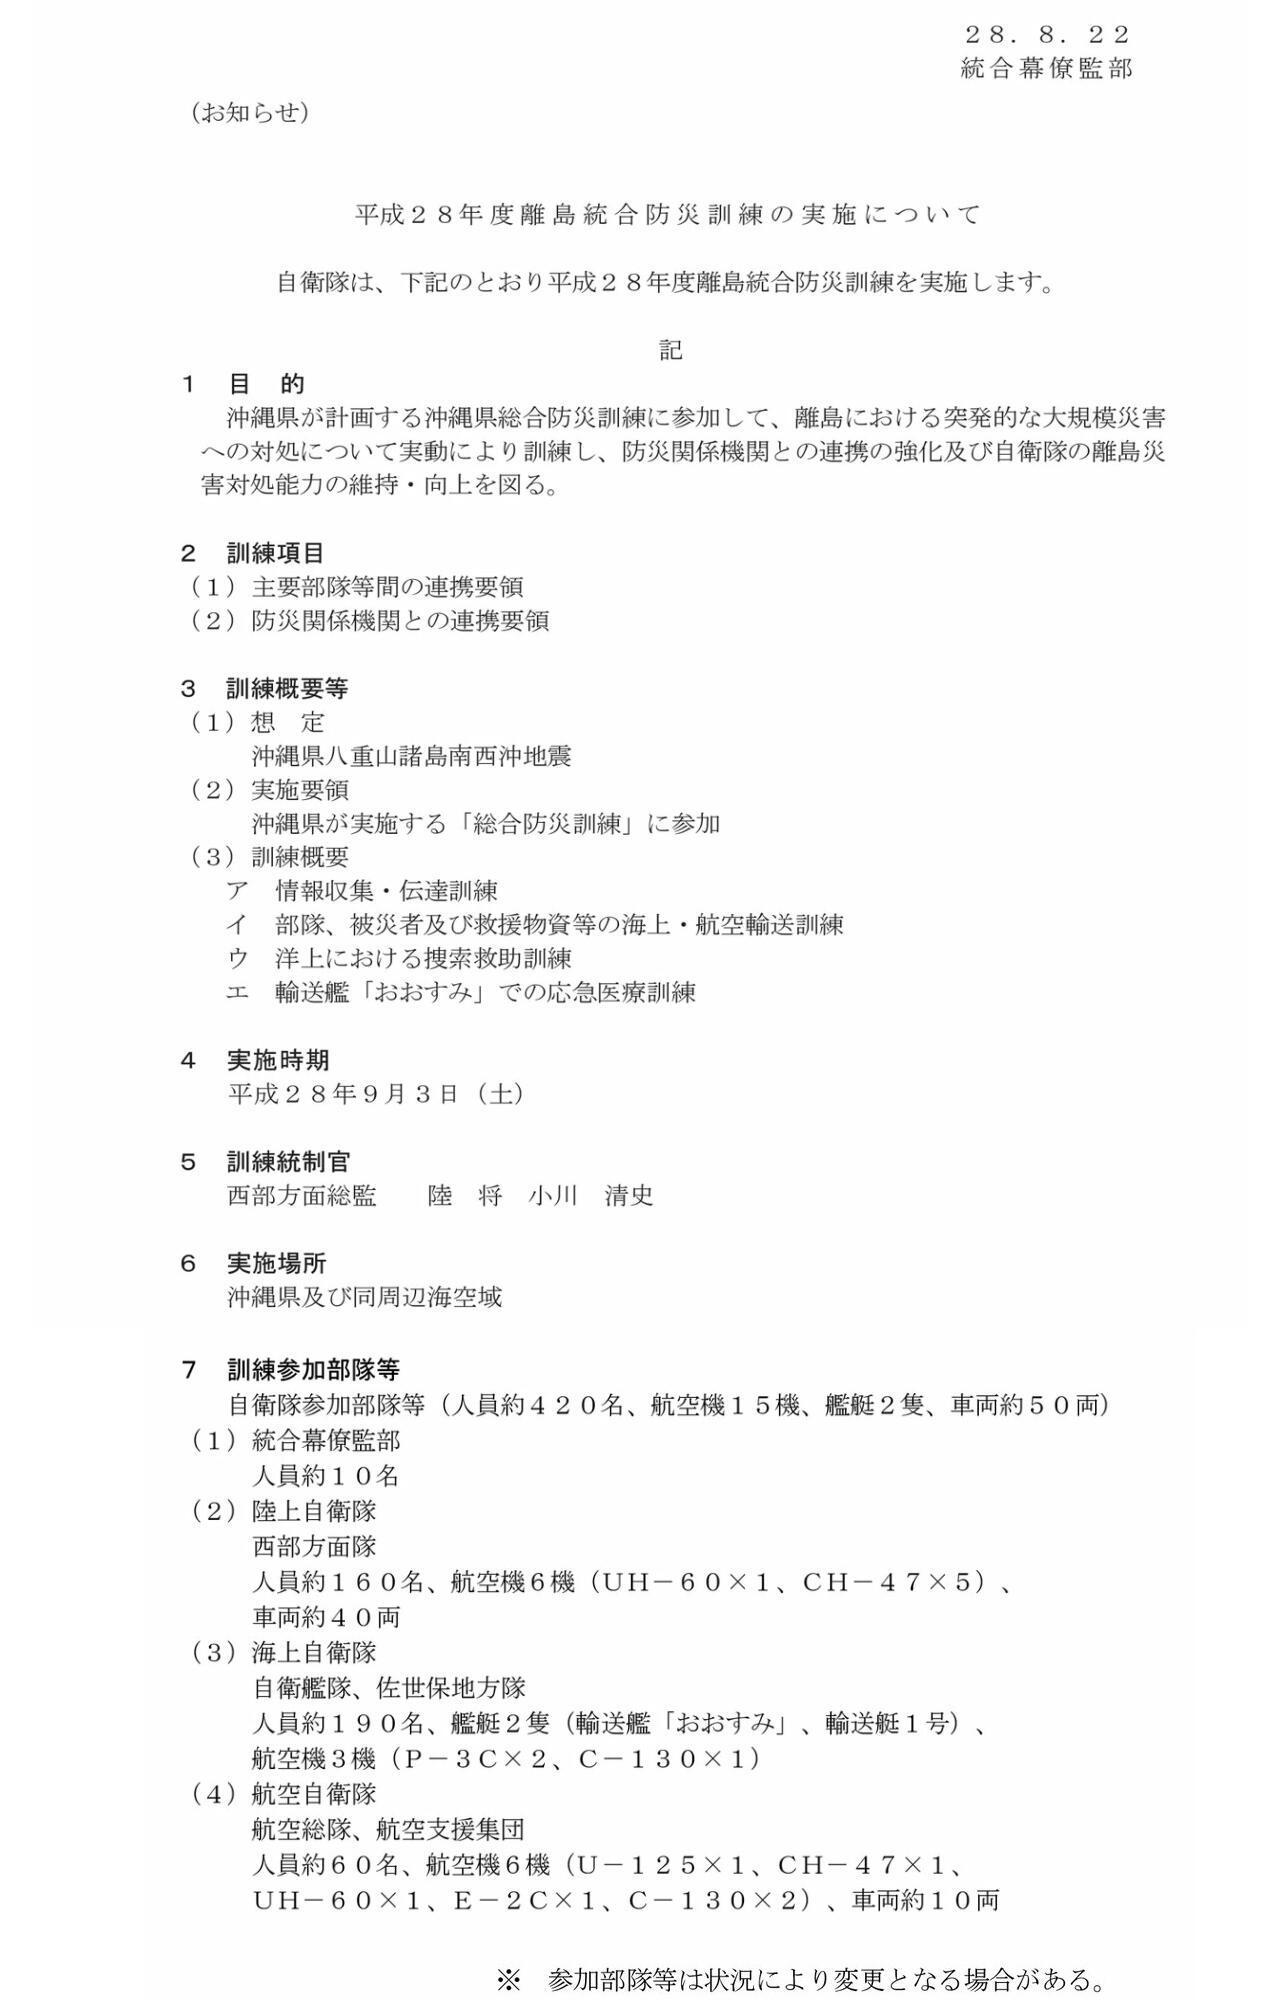 kokuchi0822.jpg